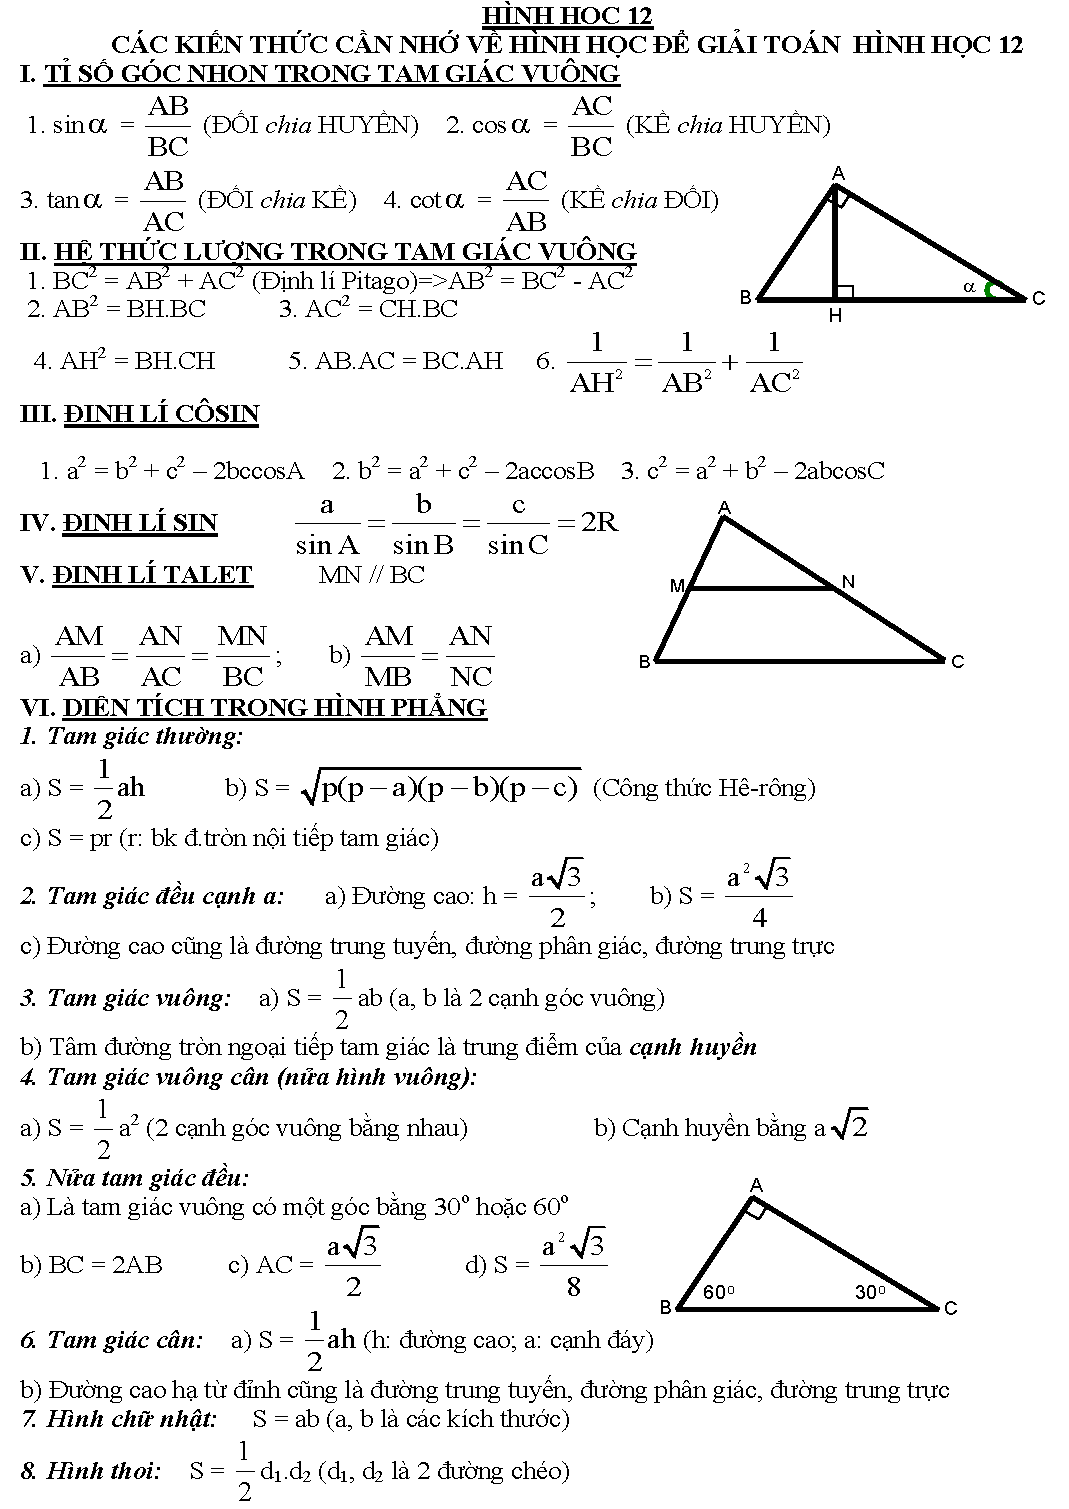 29 công thức hình học không gian (1).png